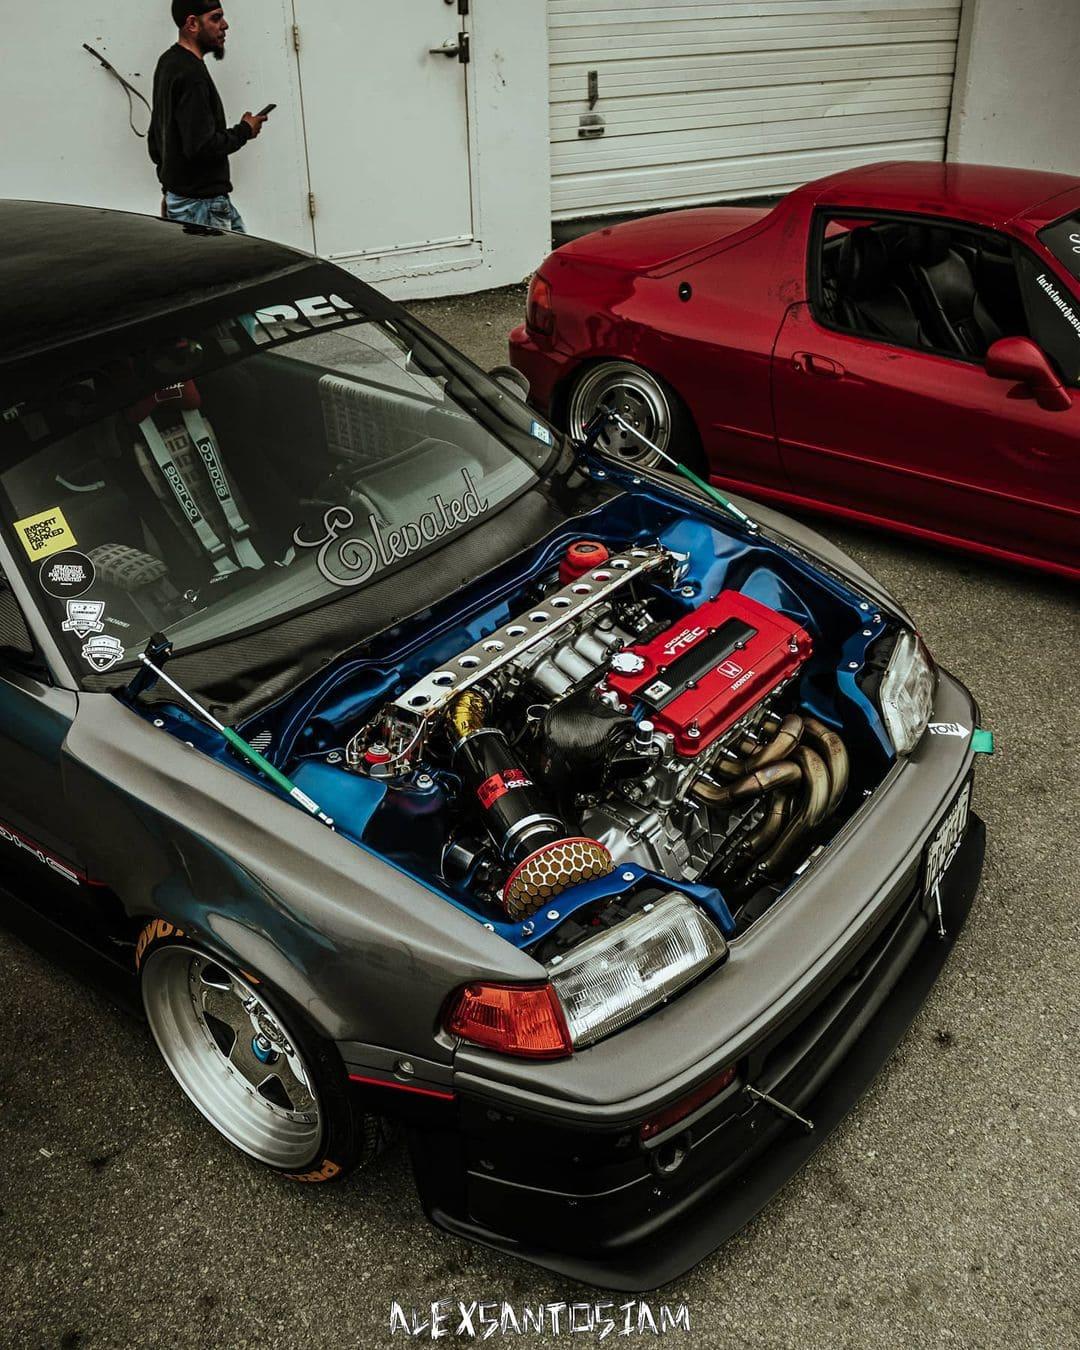 89 Honda Civic Hatch Engine bay